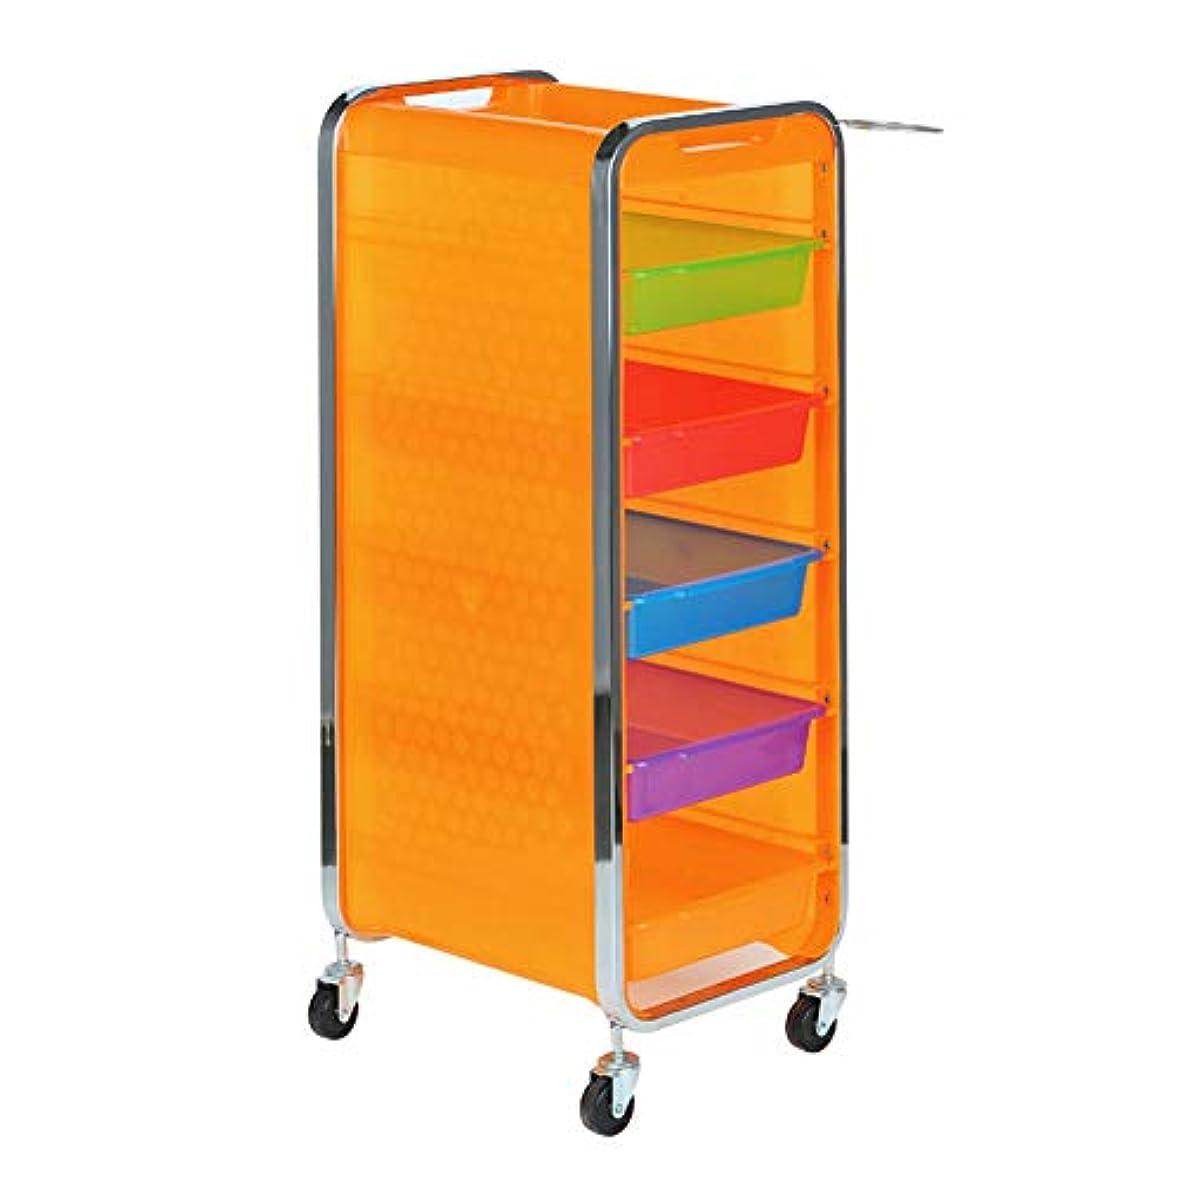 なんでも好奇心盛泳ぐサロン美容院トロリー美容美容収納カート6層トレイ多機能引き出し虹色,Orange,B